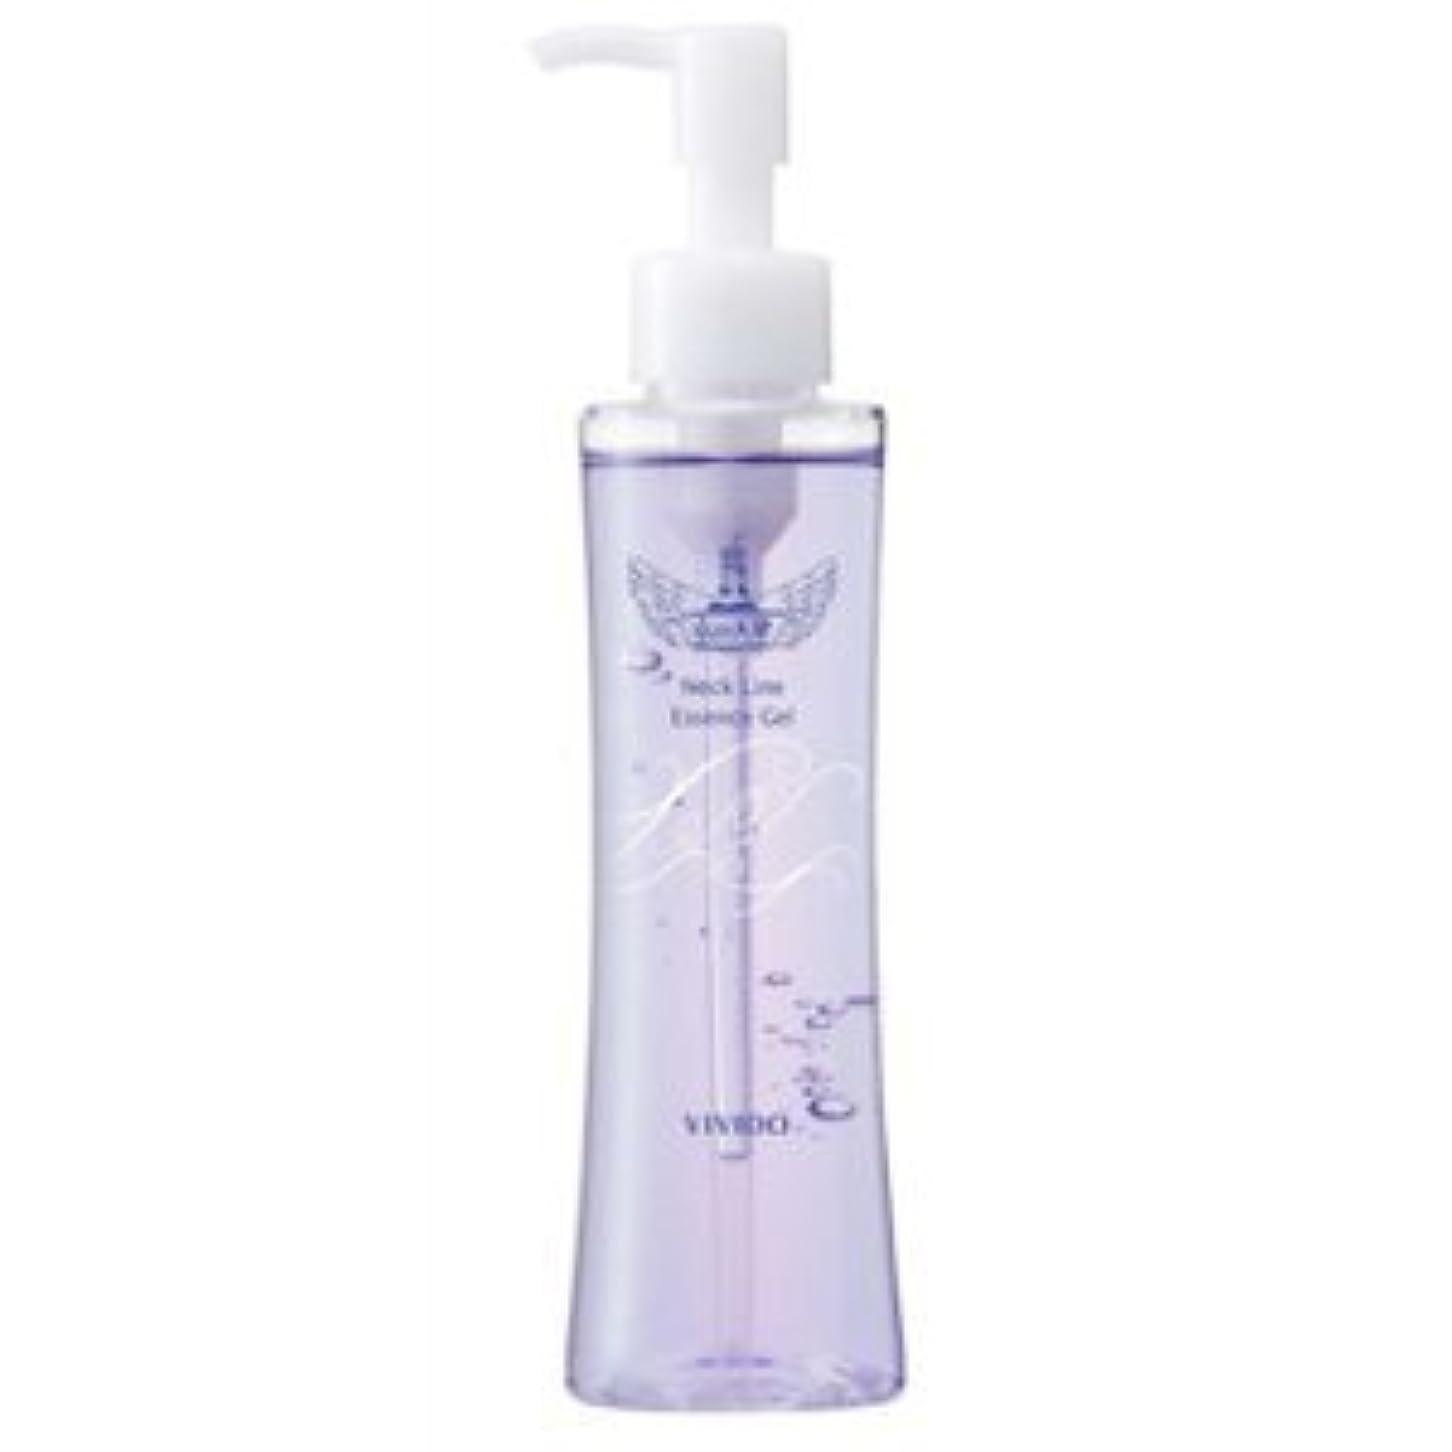 霧深いベルトペット水の天使プレミアムネックライン美容液150g 2個セット